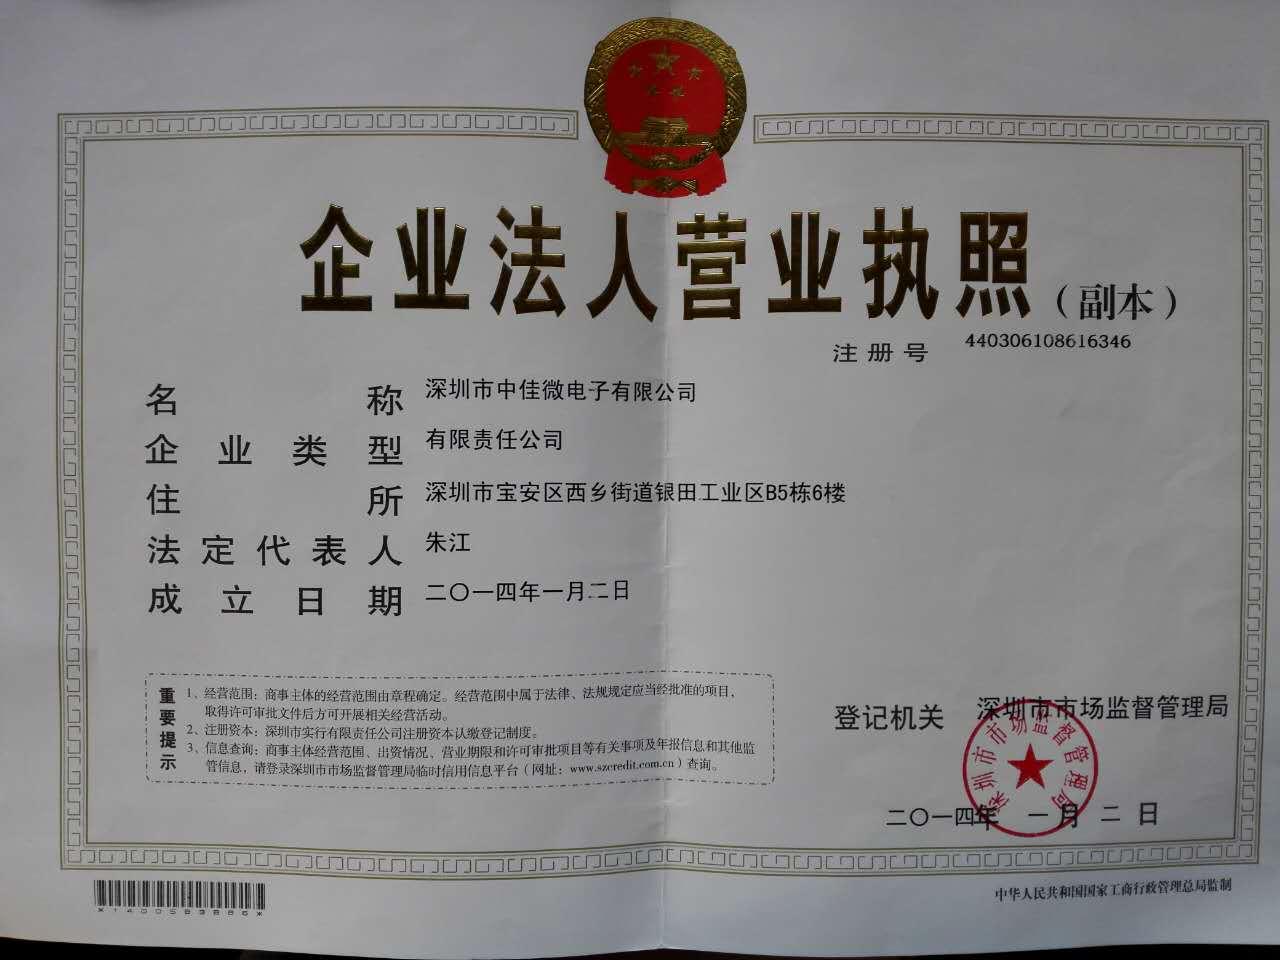 深圳中佳微电子科技有限公司